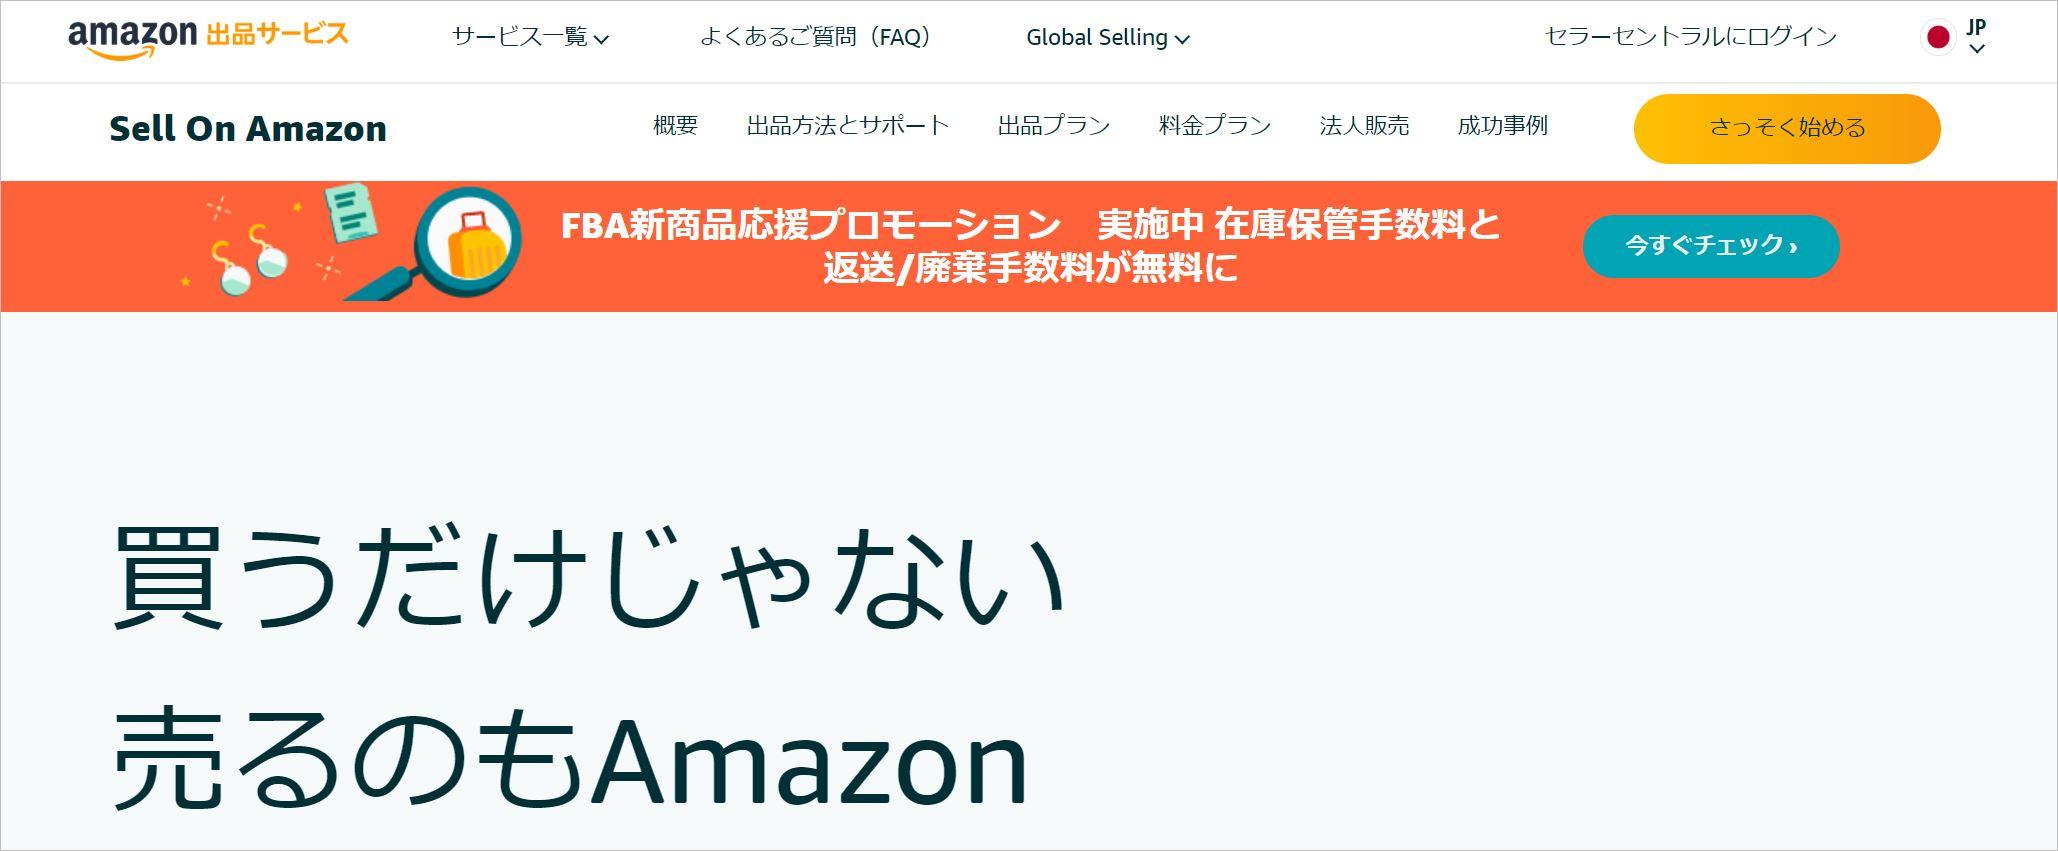 Amazon出品サービスの画面